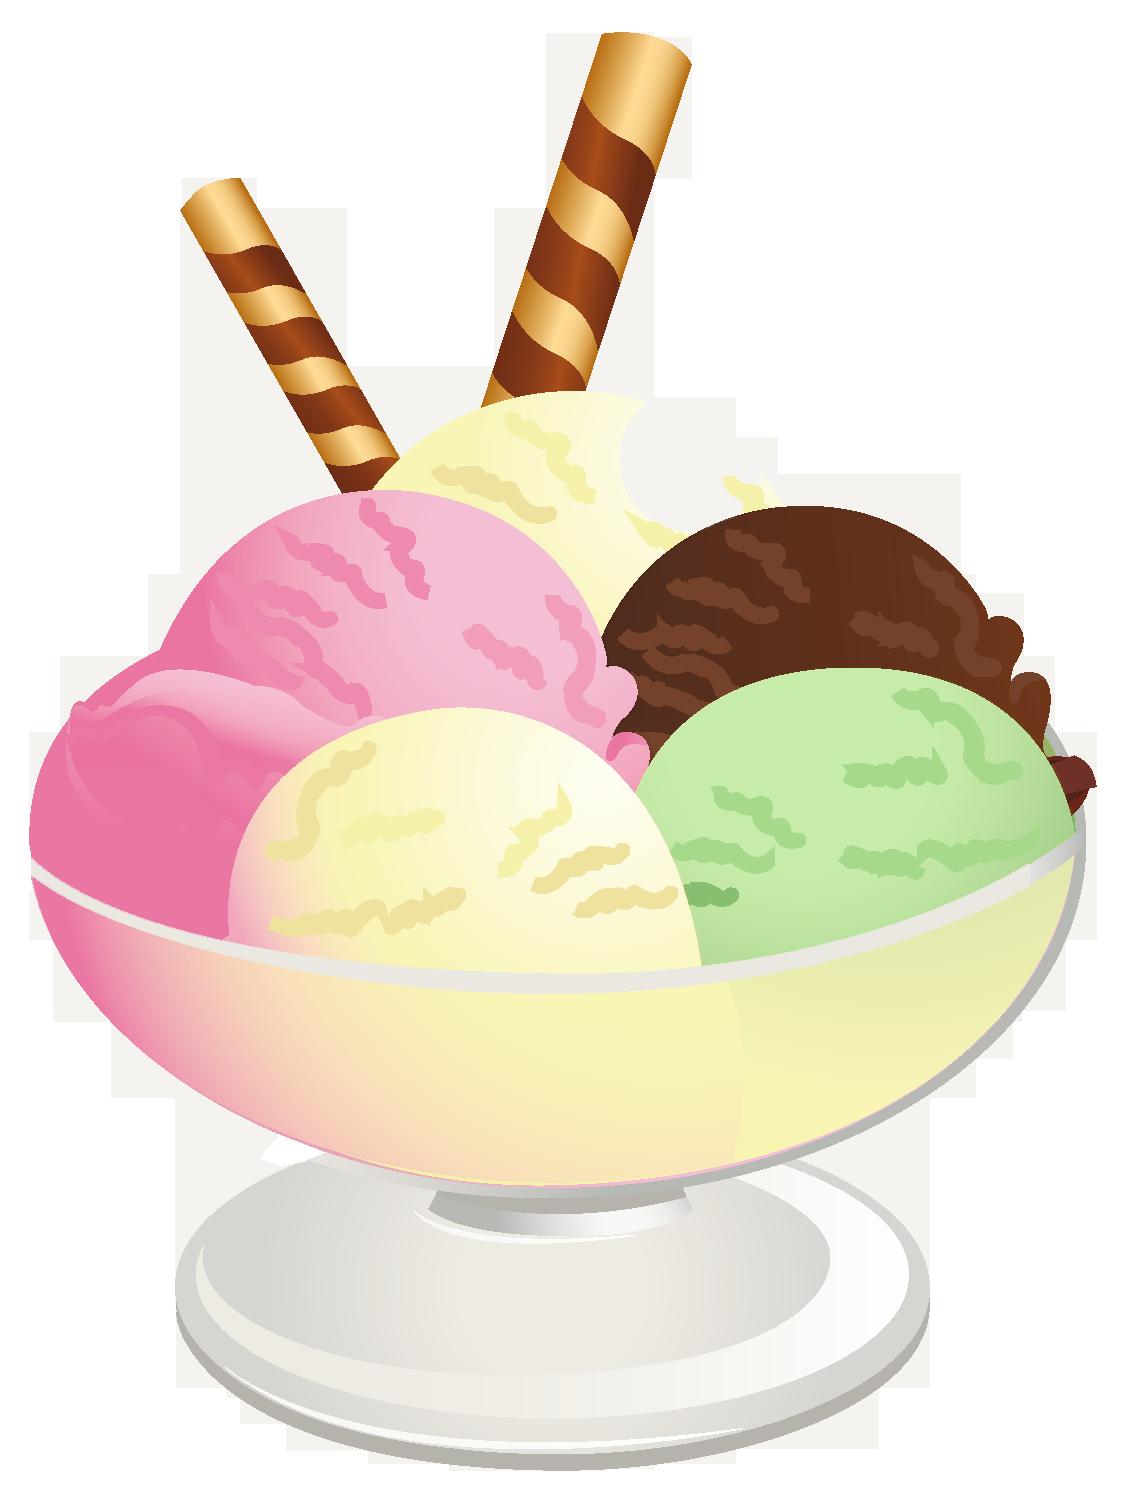 Ice Cream Sundae PNG Picture Festa confeitaria, Sorvete